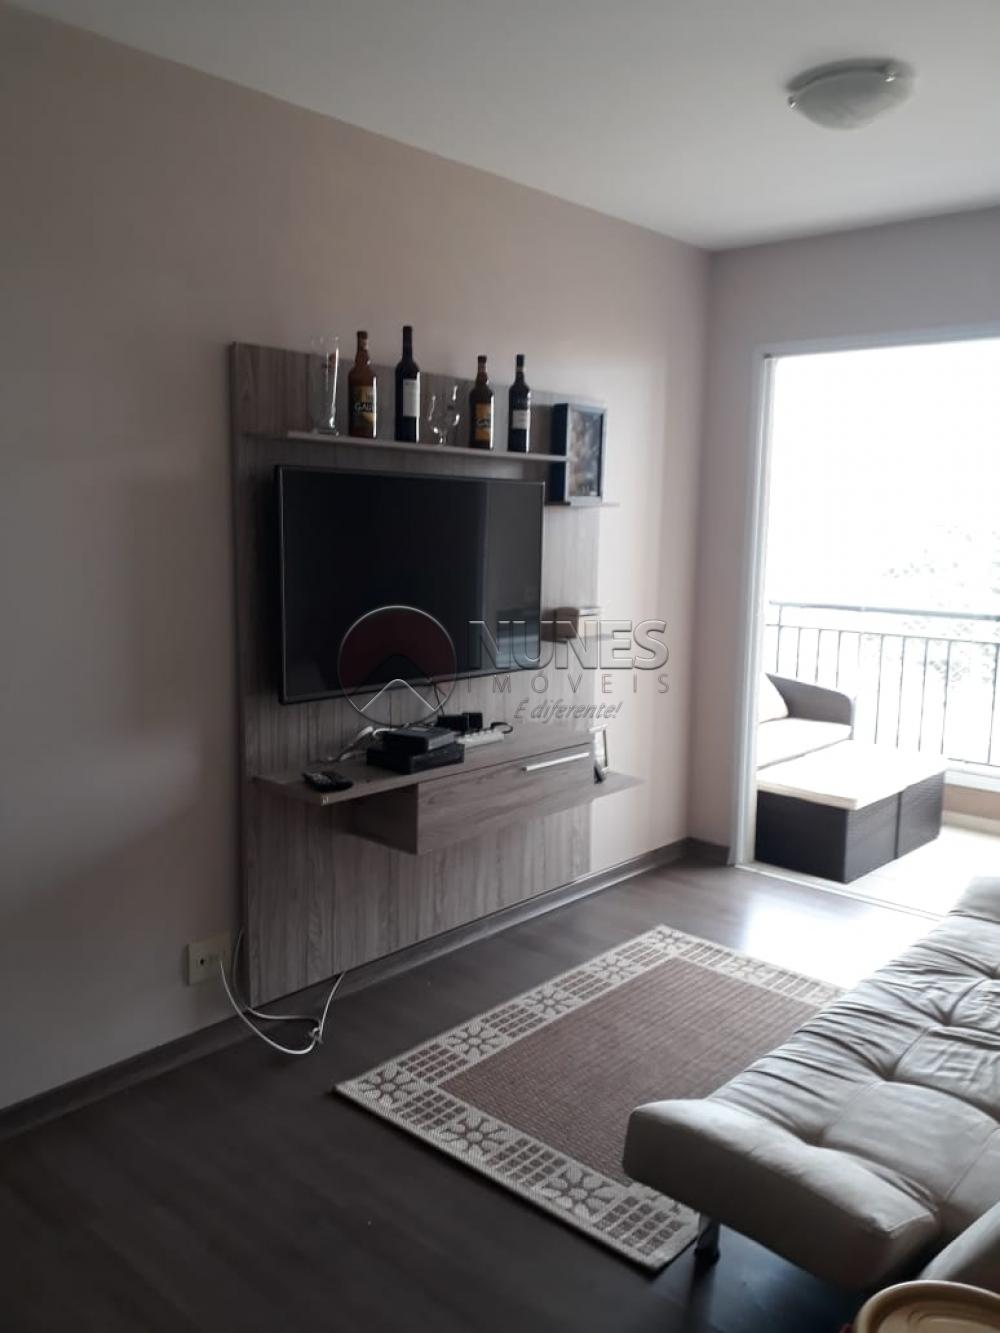 Comprar Apartamento / Padrão em Osasco apenas R$ 320.000,00 - Foto 5